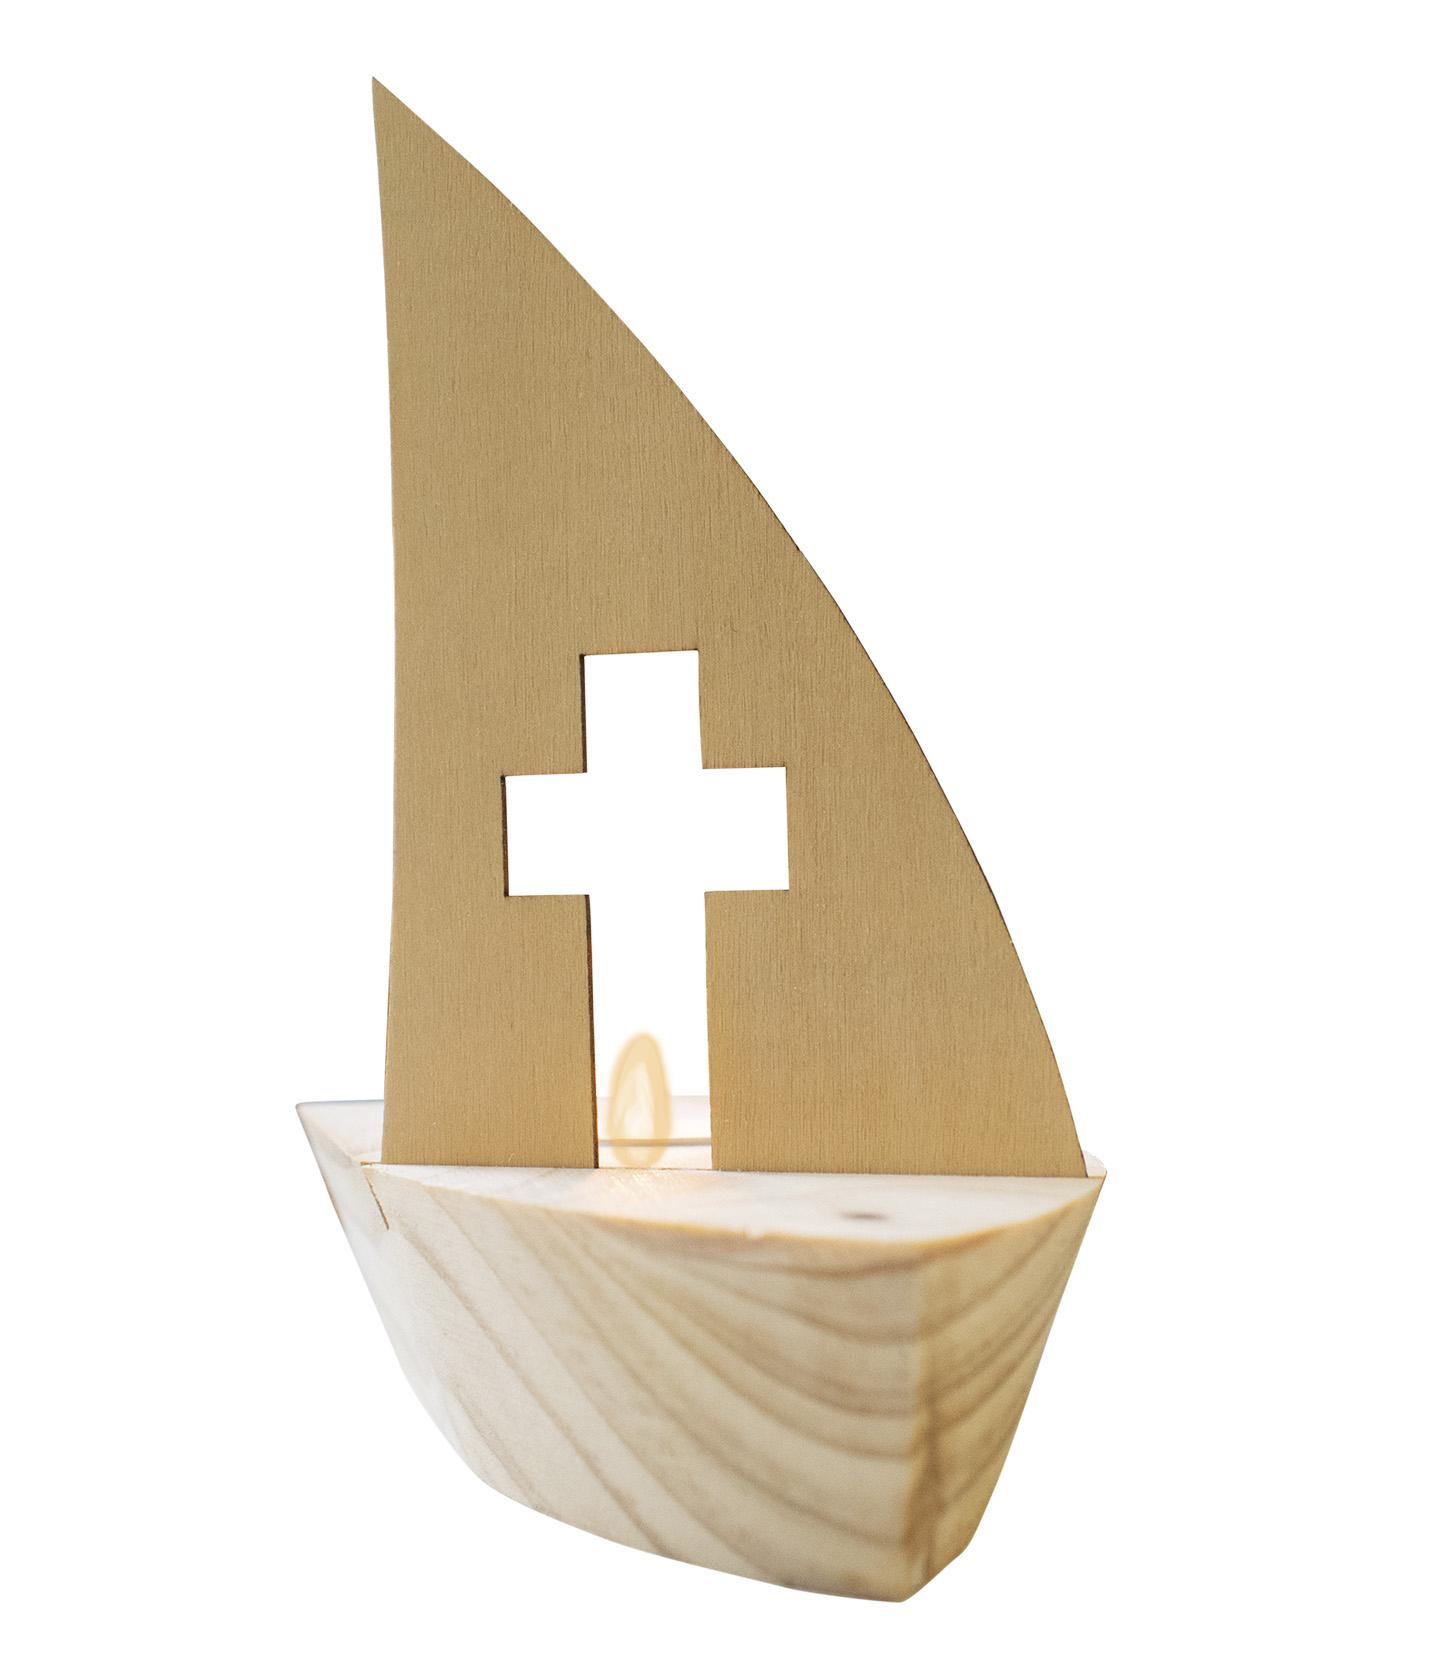 Holz-Schiff: Geschenkidee Und - Günstig Kaufen Im Shop verwandt mit Schiff Zeichnung